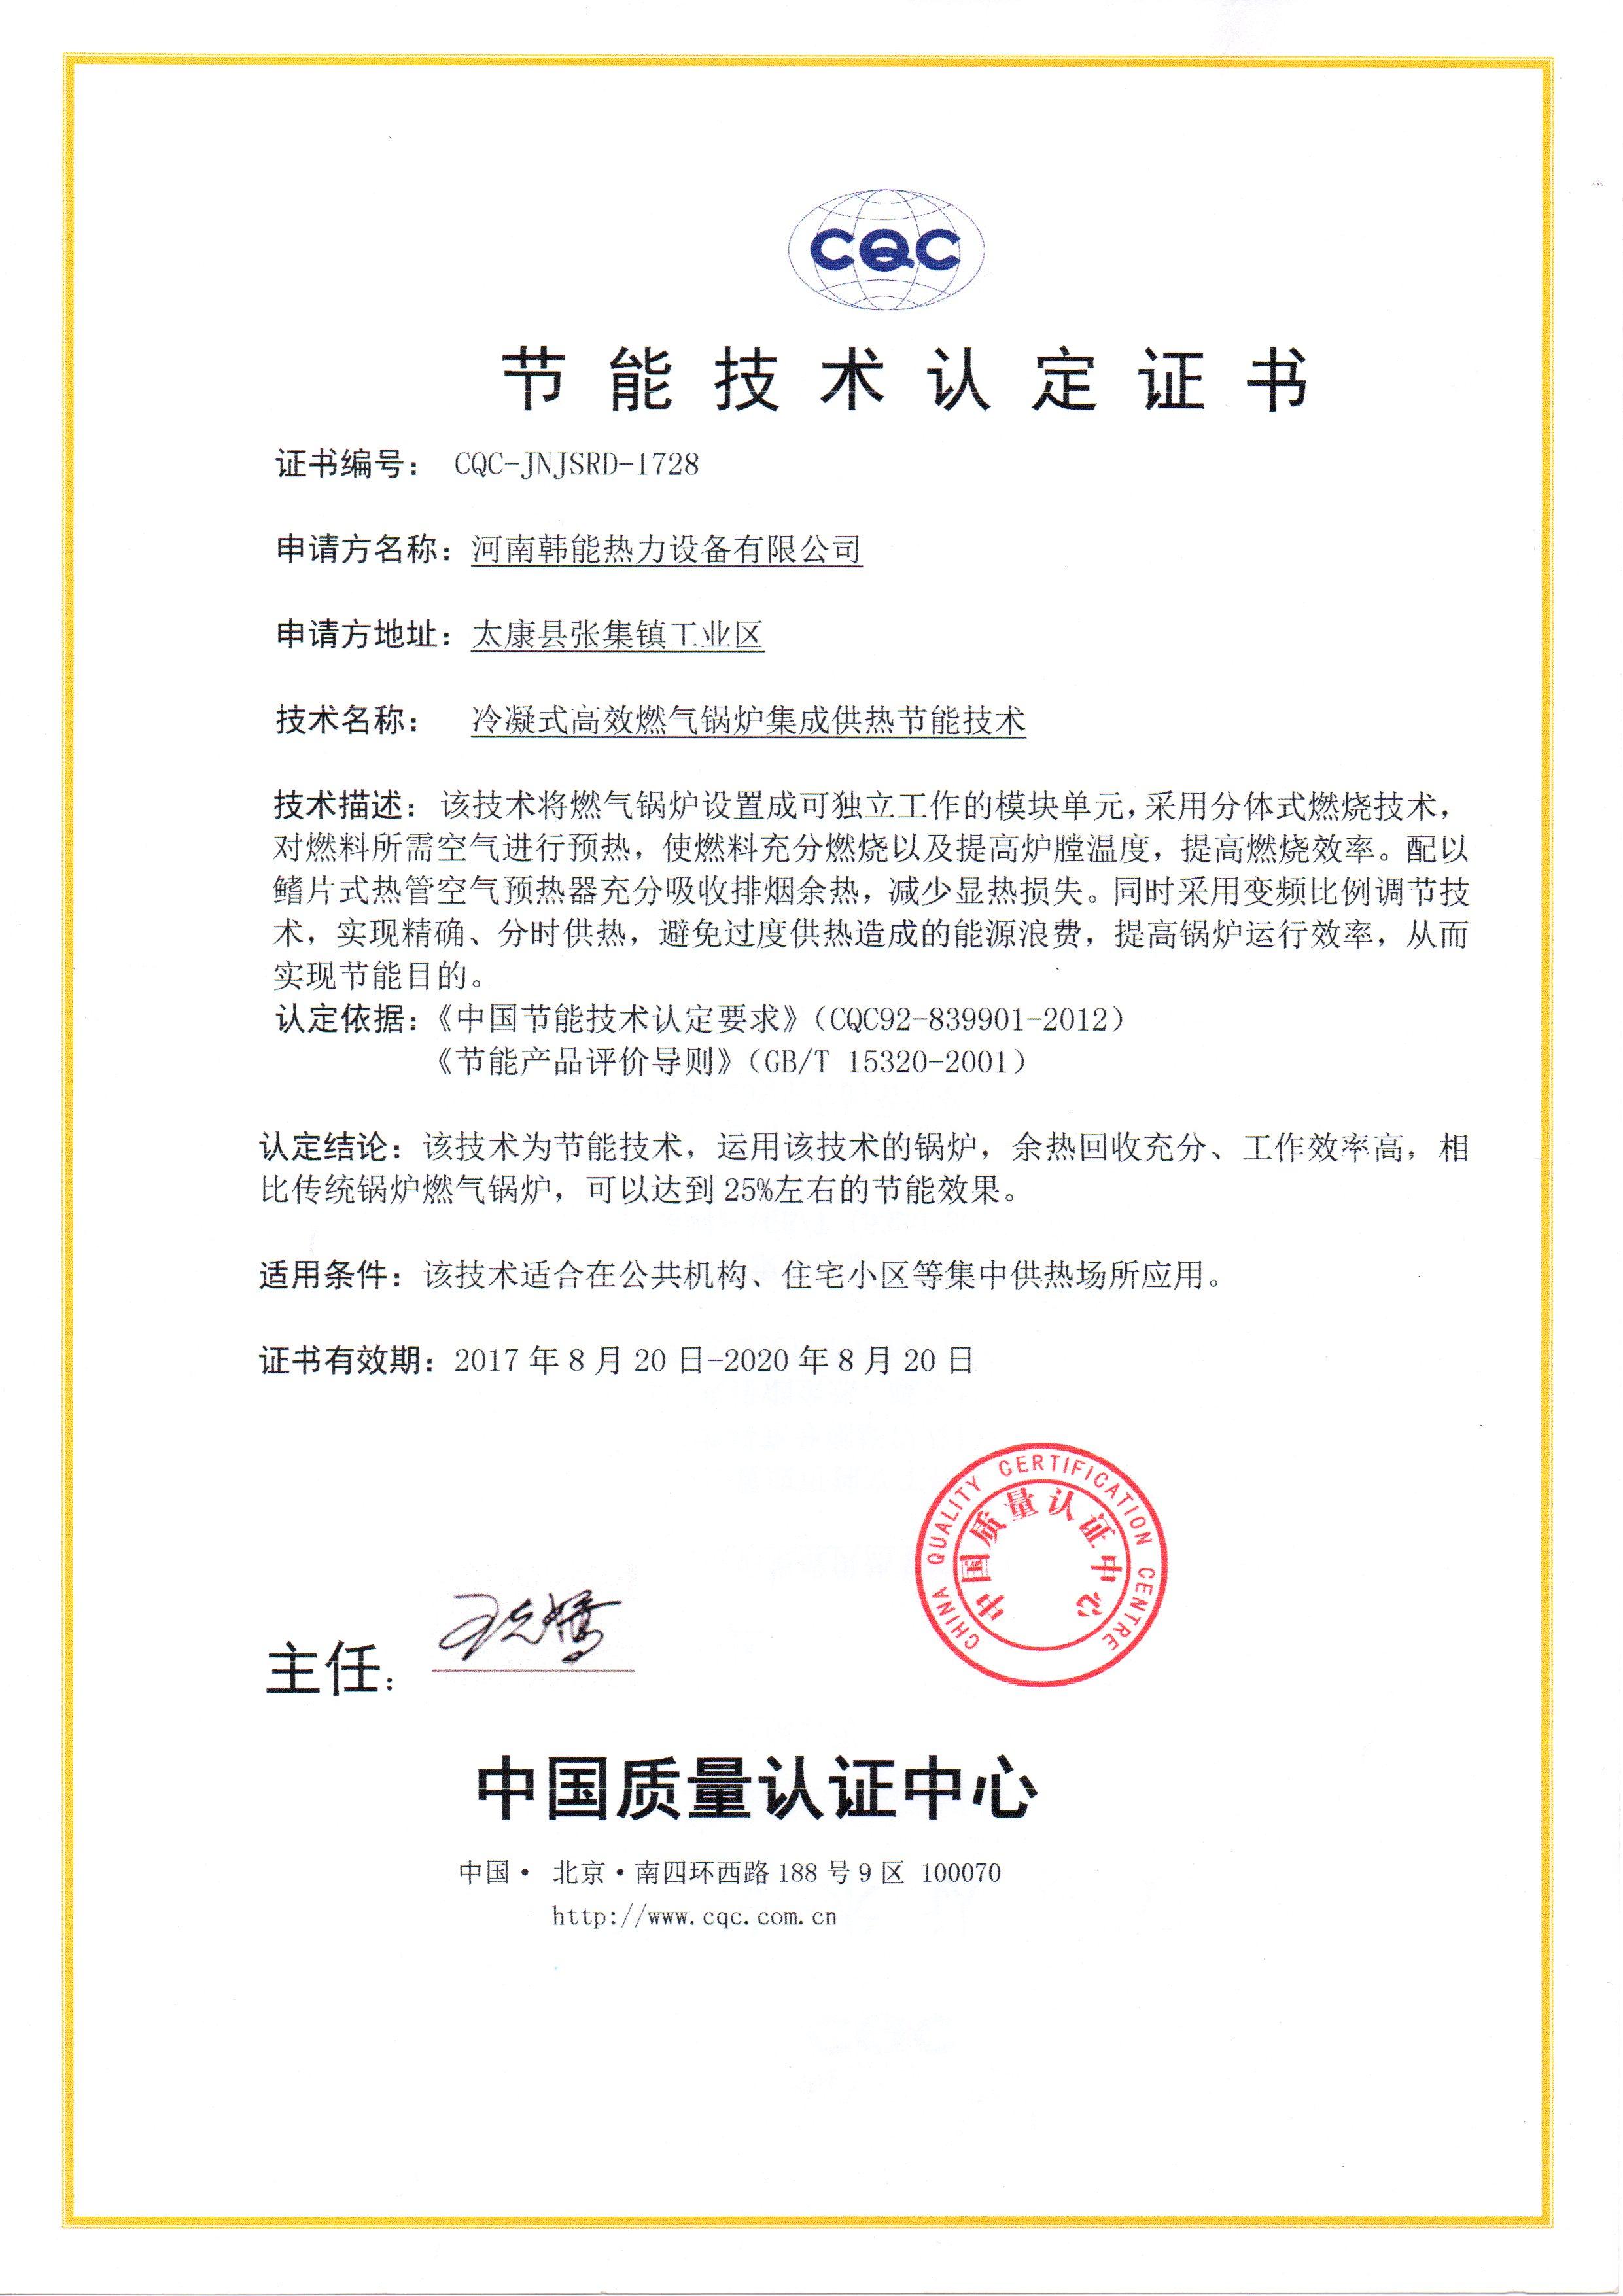 节能技术认定证书